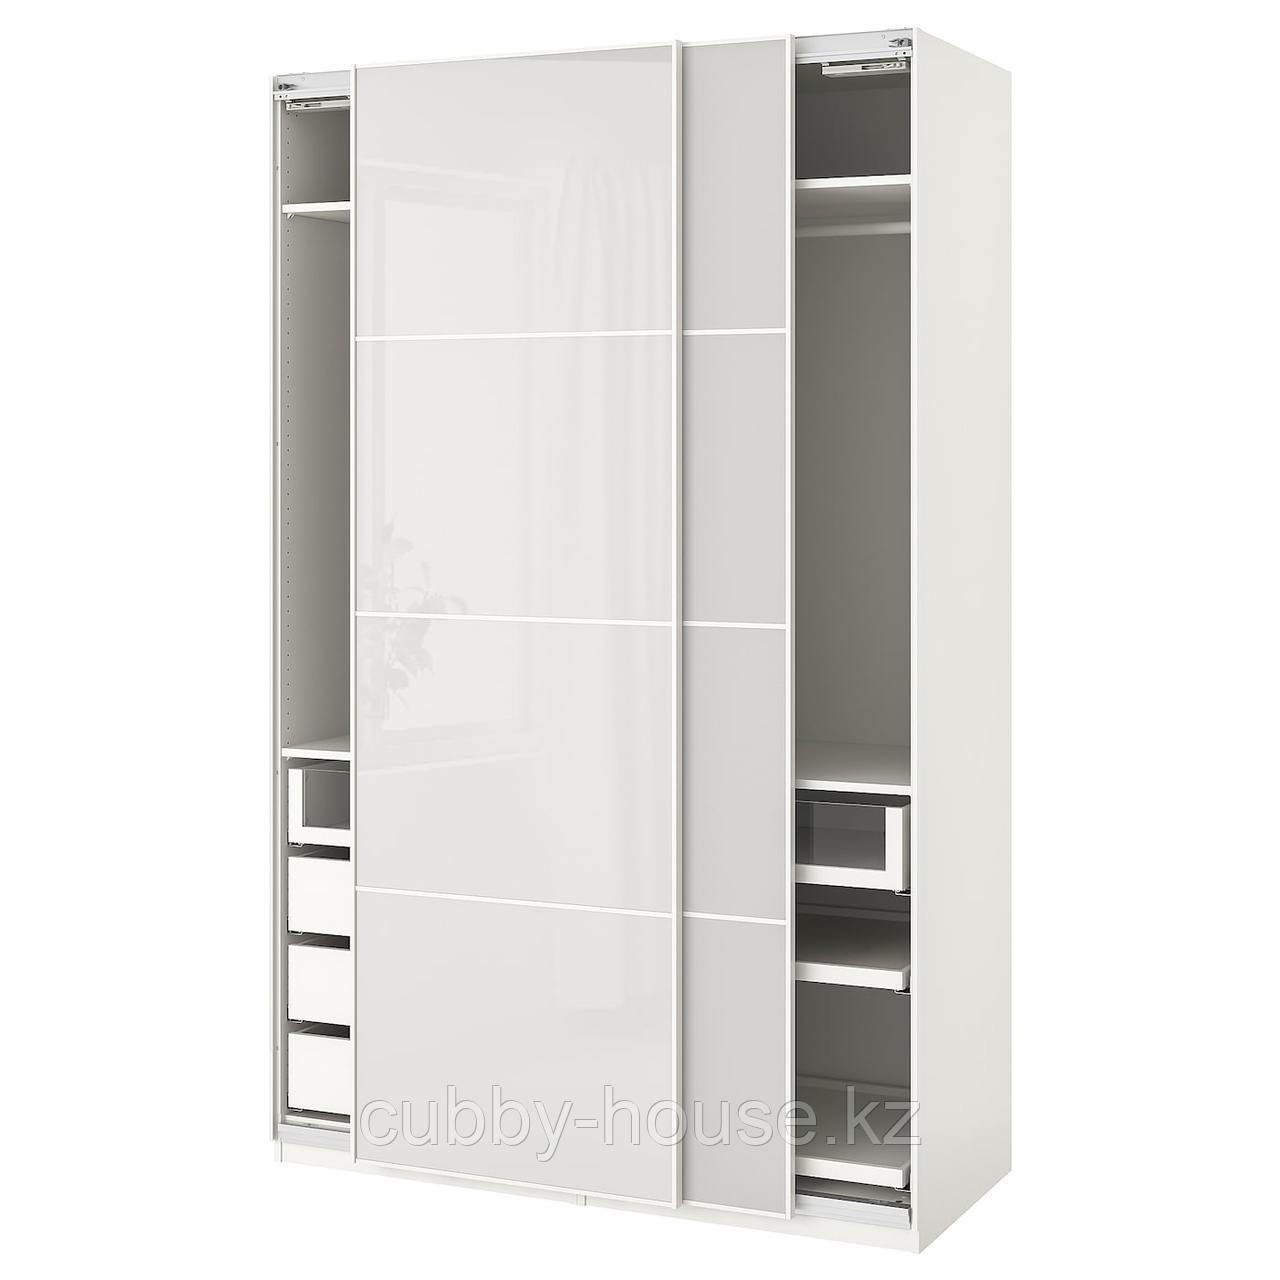 ПАКС Гардероб, белый, Хокксунд светло-серый, 150x66x236 см